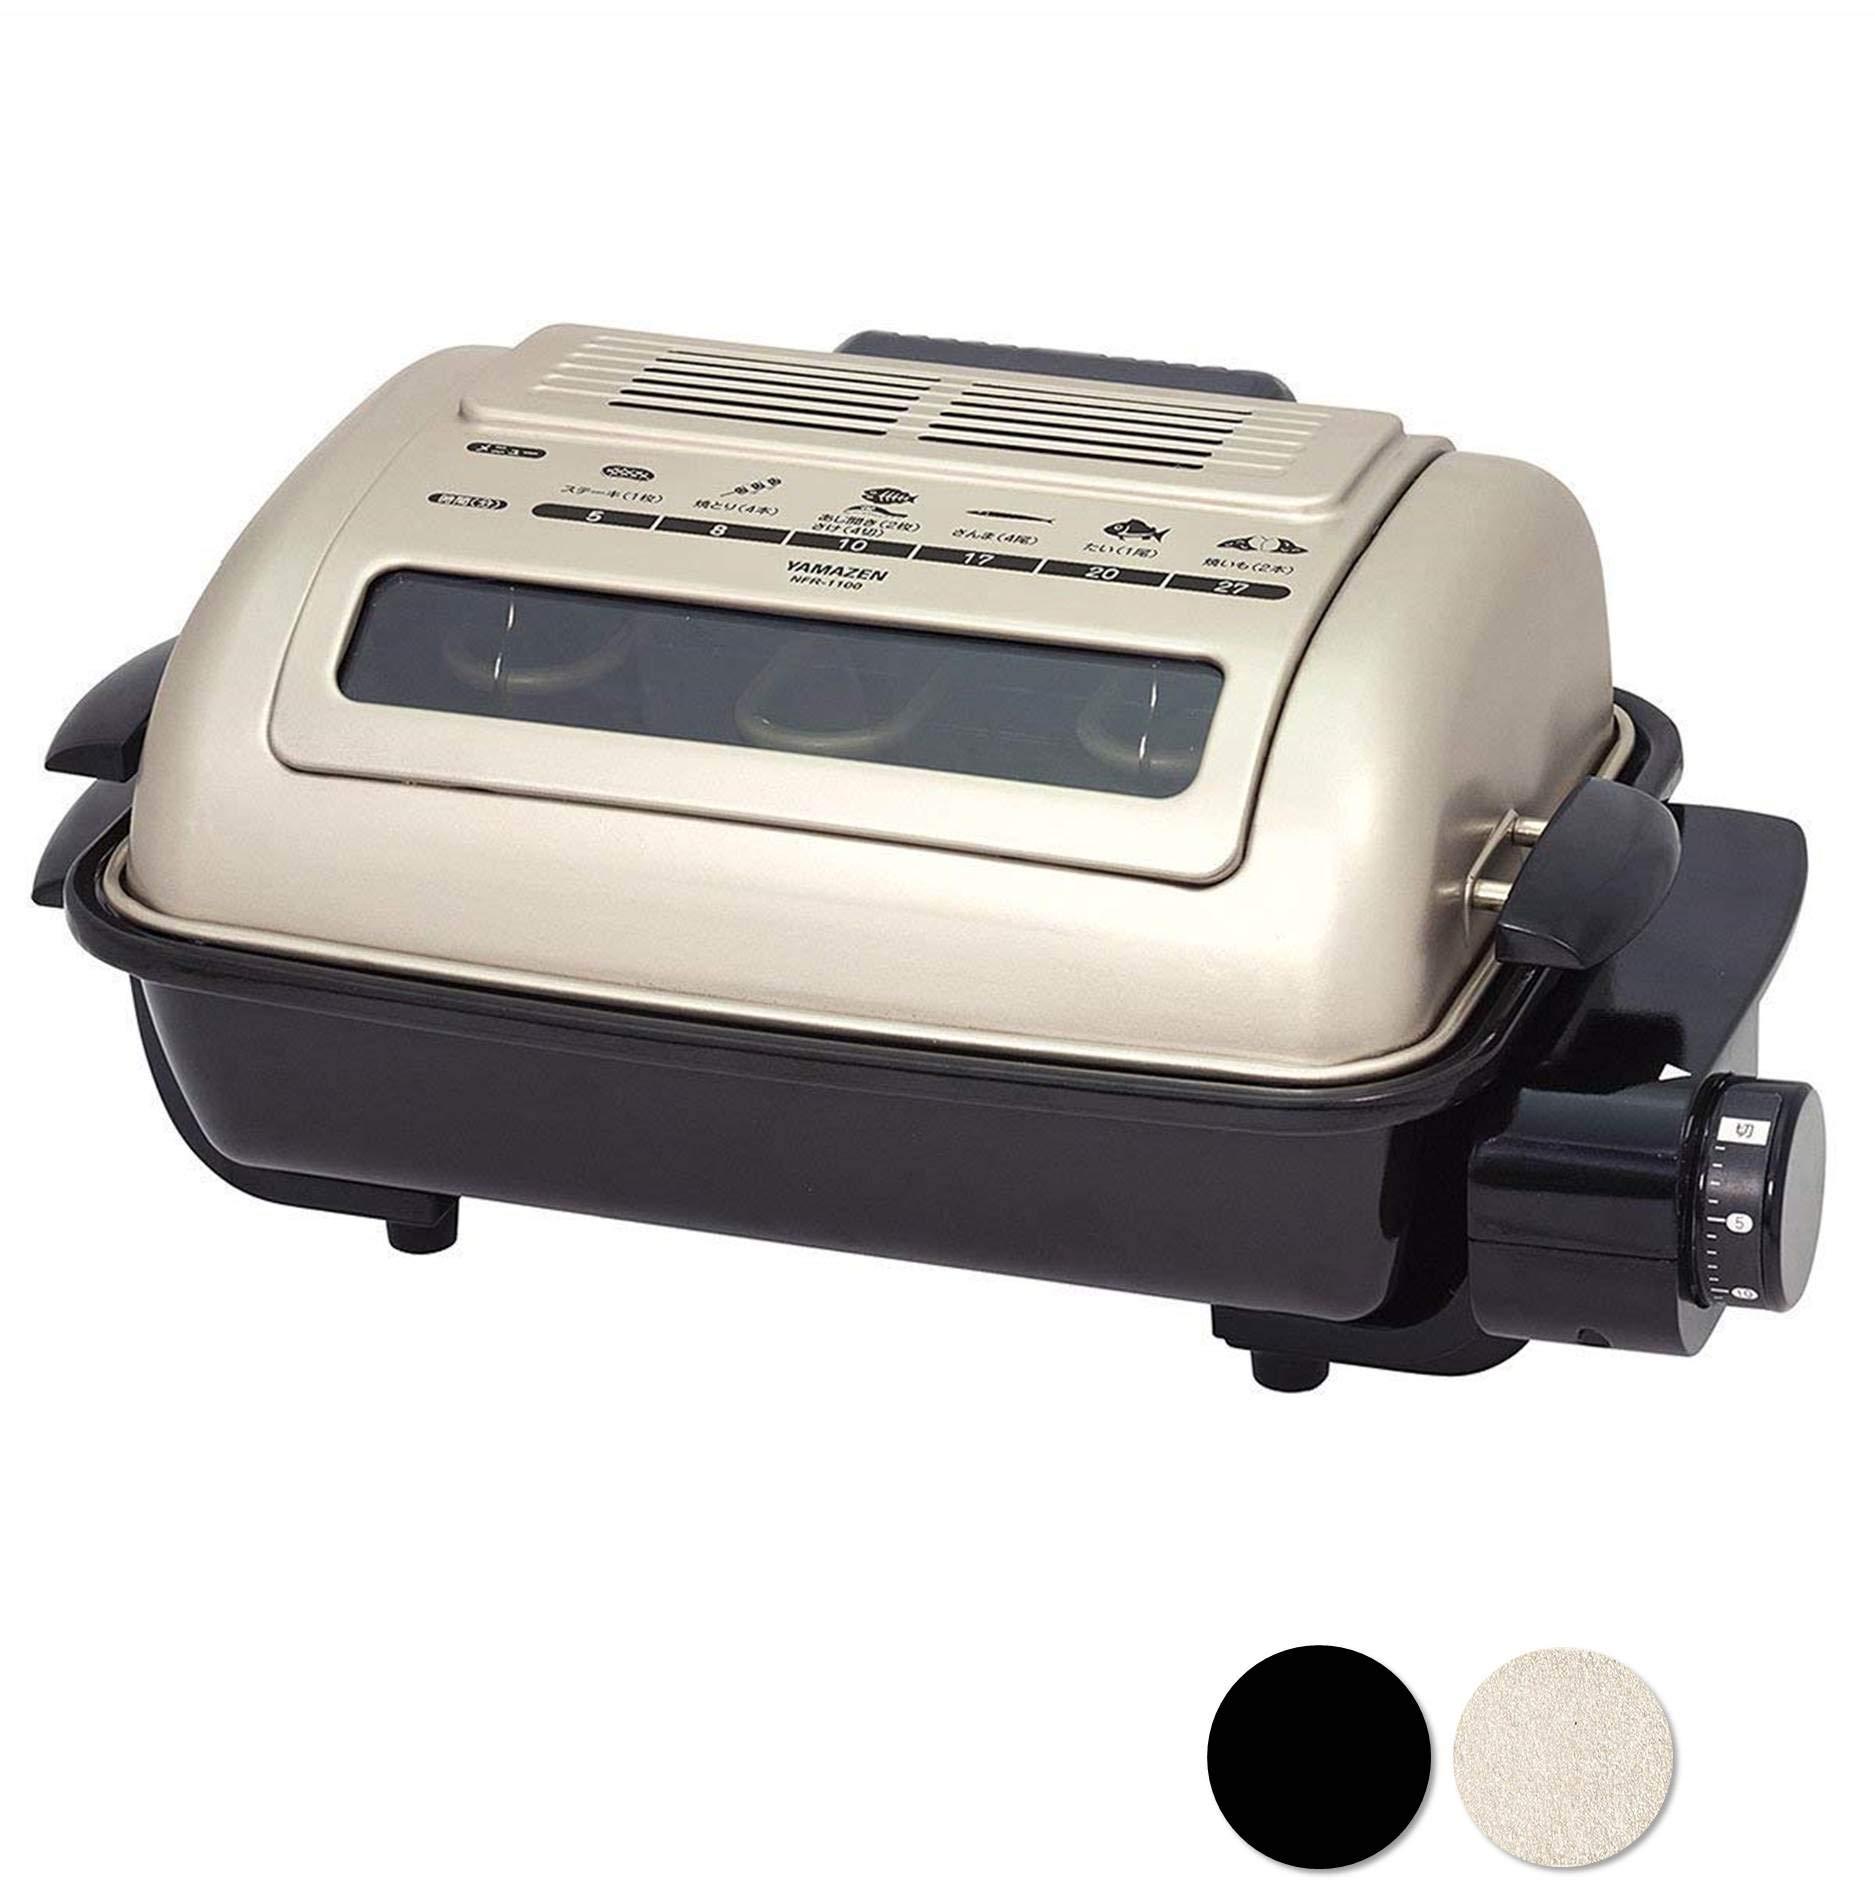 YAMAZEN wide grill NFR-1100 S by YAMAZEN